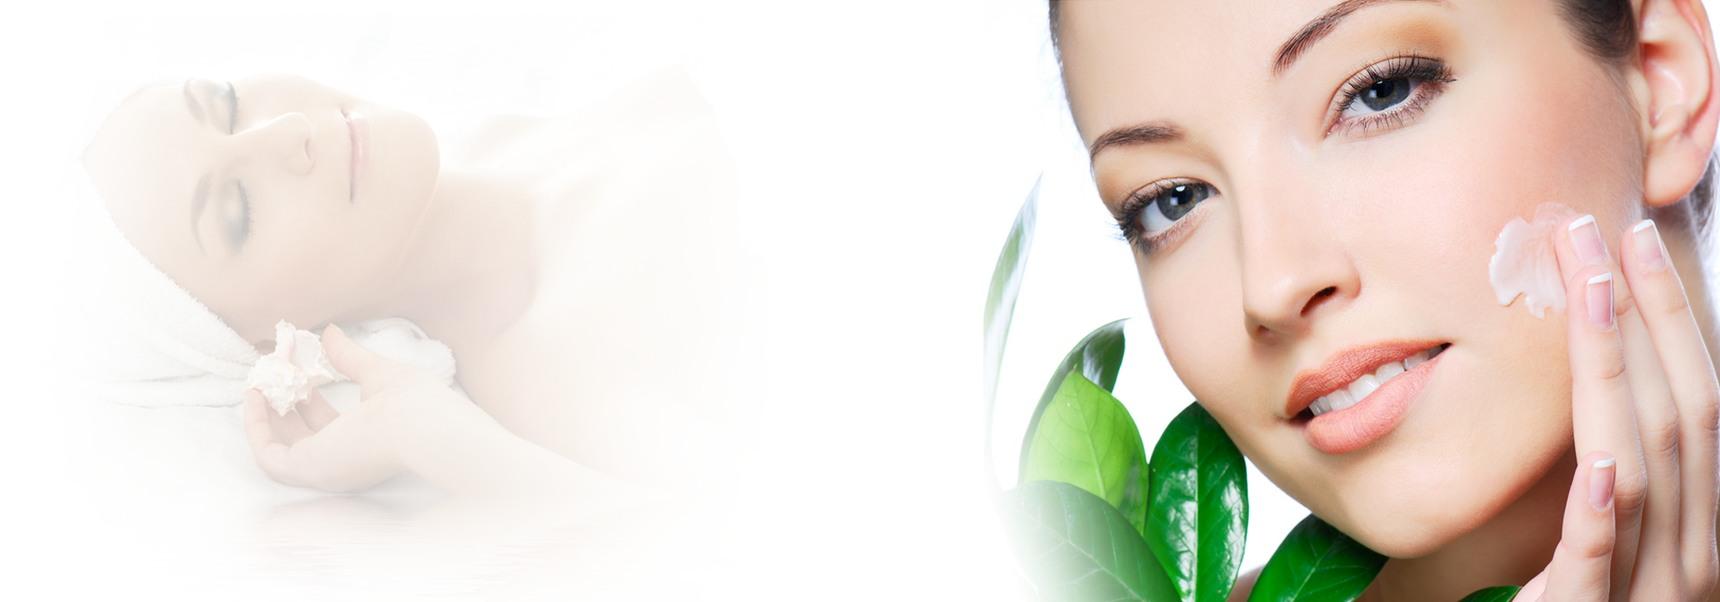 Botox για νεανικό δέρμα